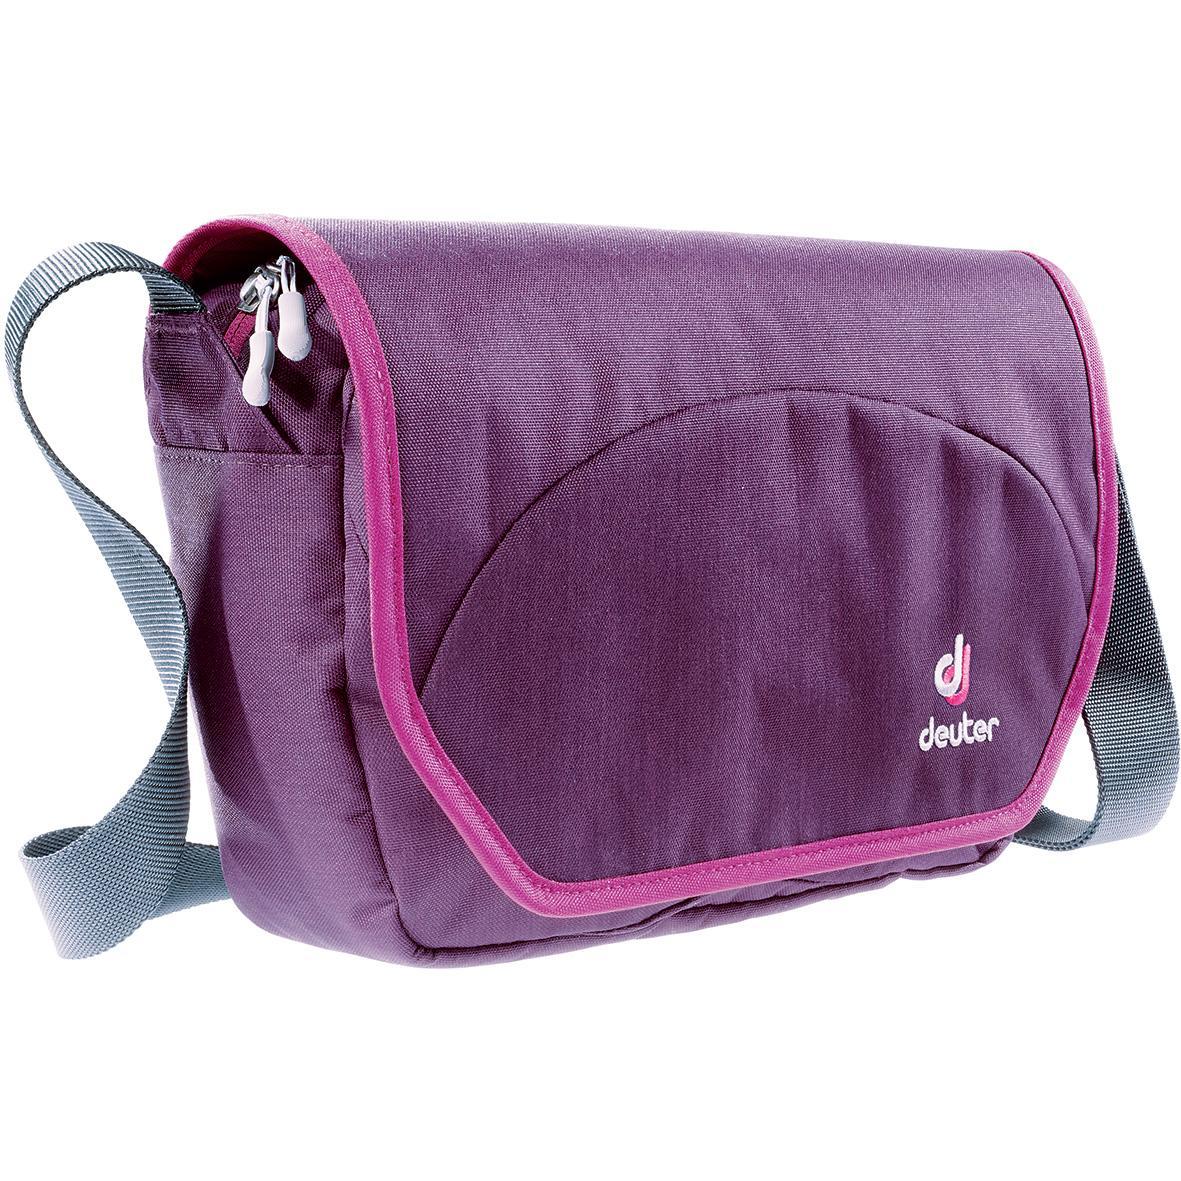 Купить Сумка на плечо Deuter 2015 Shoulder bags Carry Out S blackberry dresscode Сумки для города 1073497